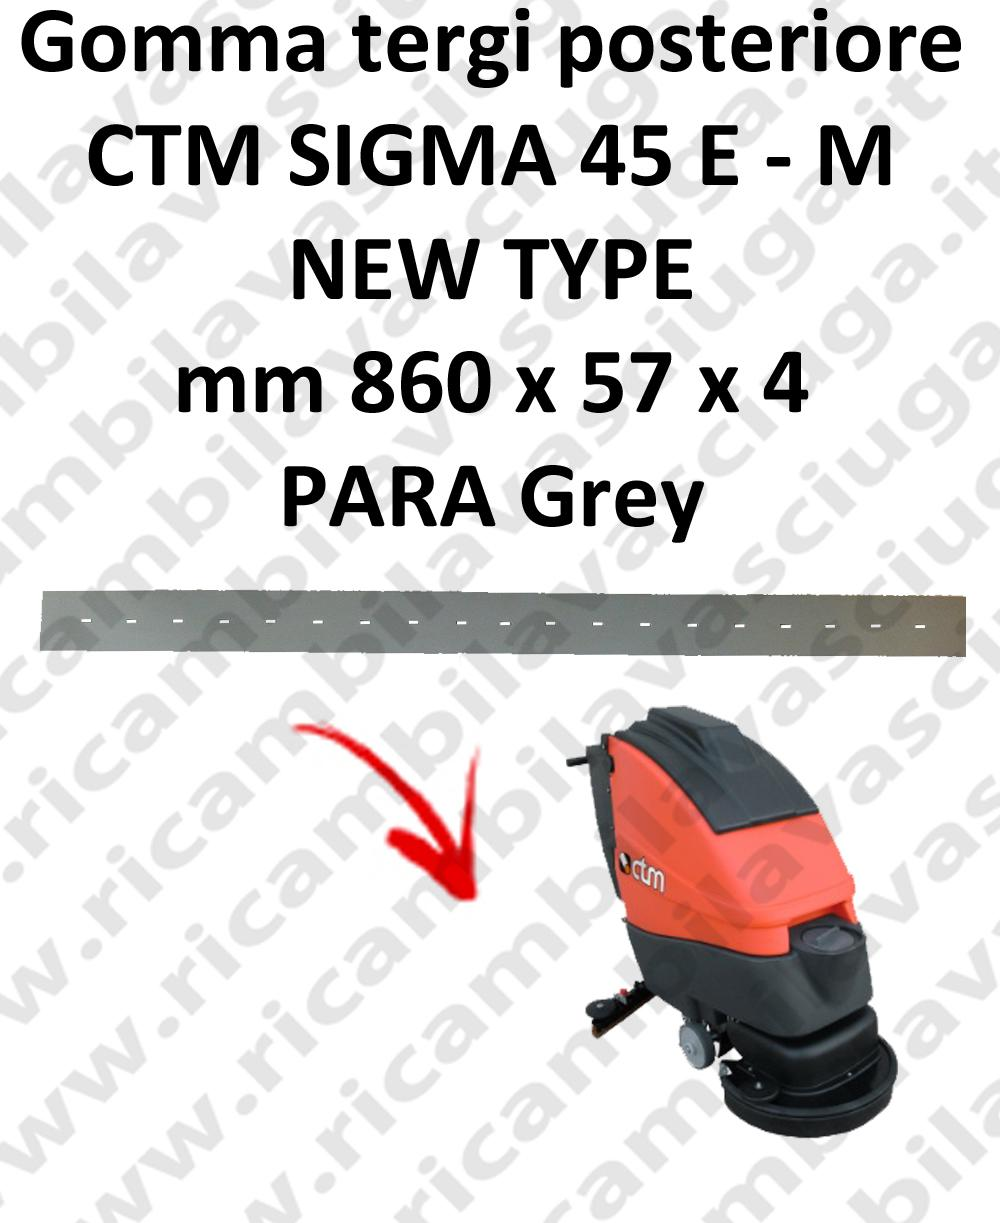 SIGMA 45 E/M new type - GOMMA TERGI lavapavimenti posteriore per CTM